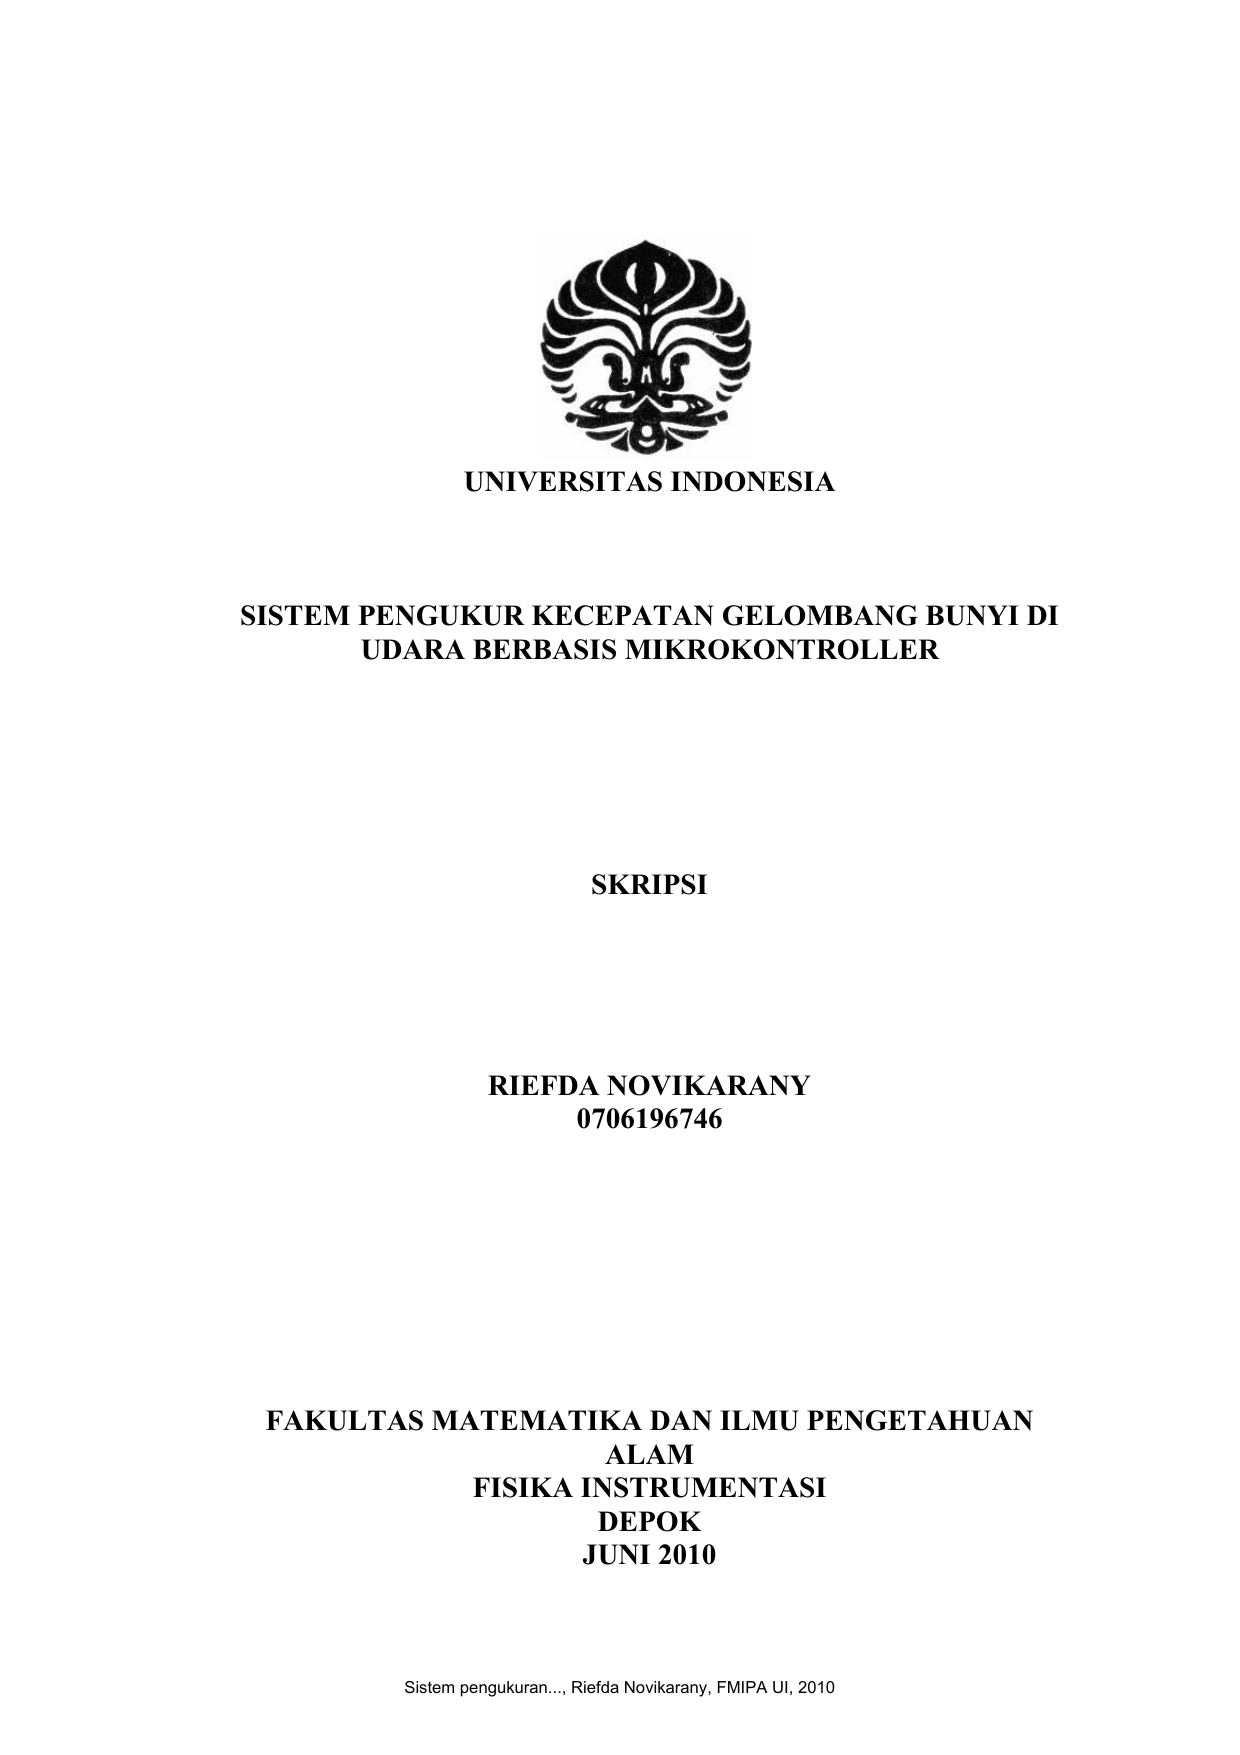 Skripsi Fisika Instrumentasi Ide Judul Skripsi Universitas